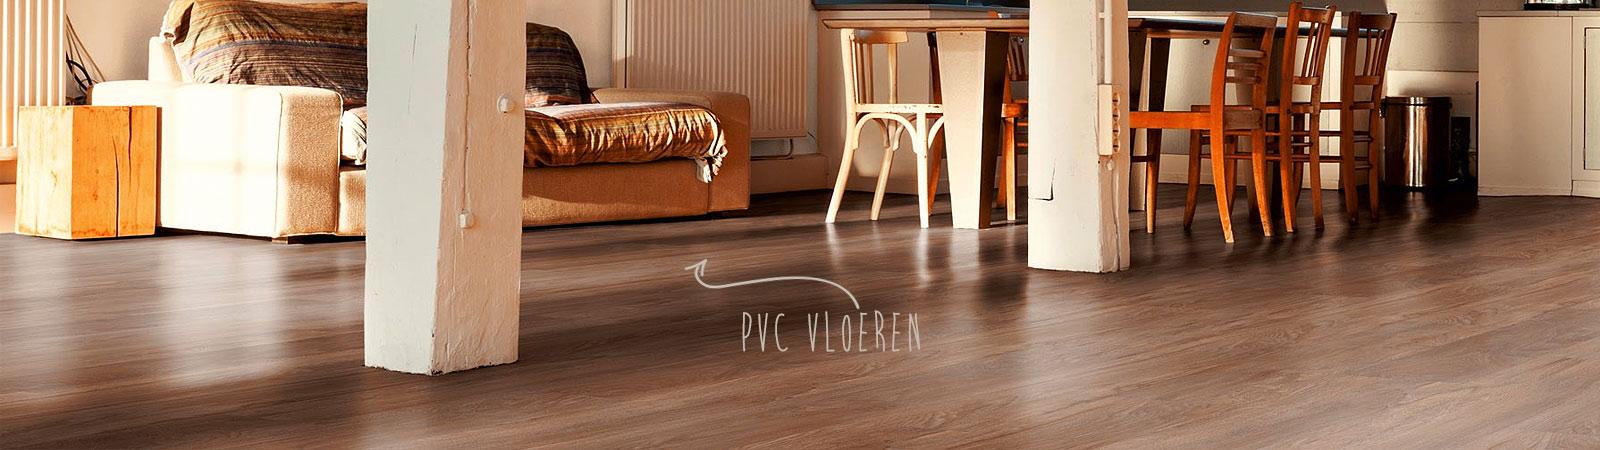 PVC Vloeren van Brabant Tapijt uit Eindhoven